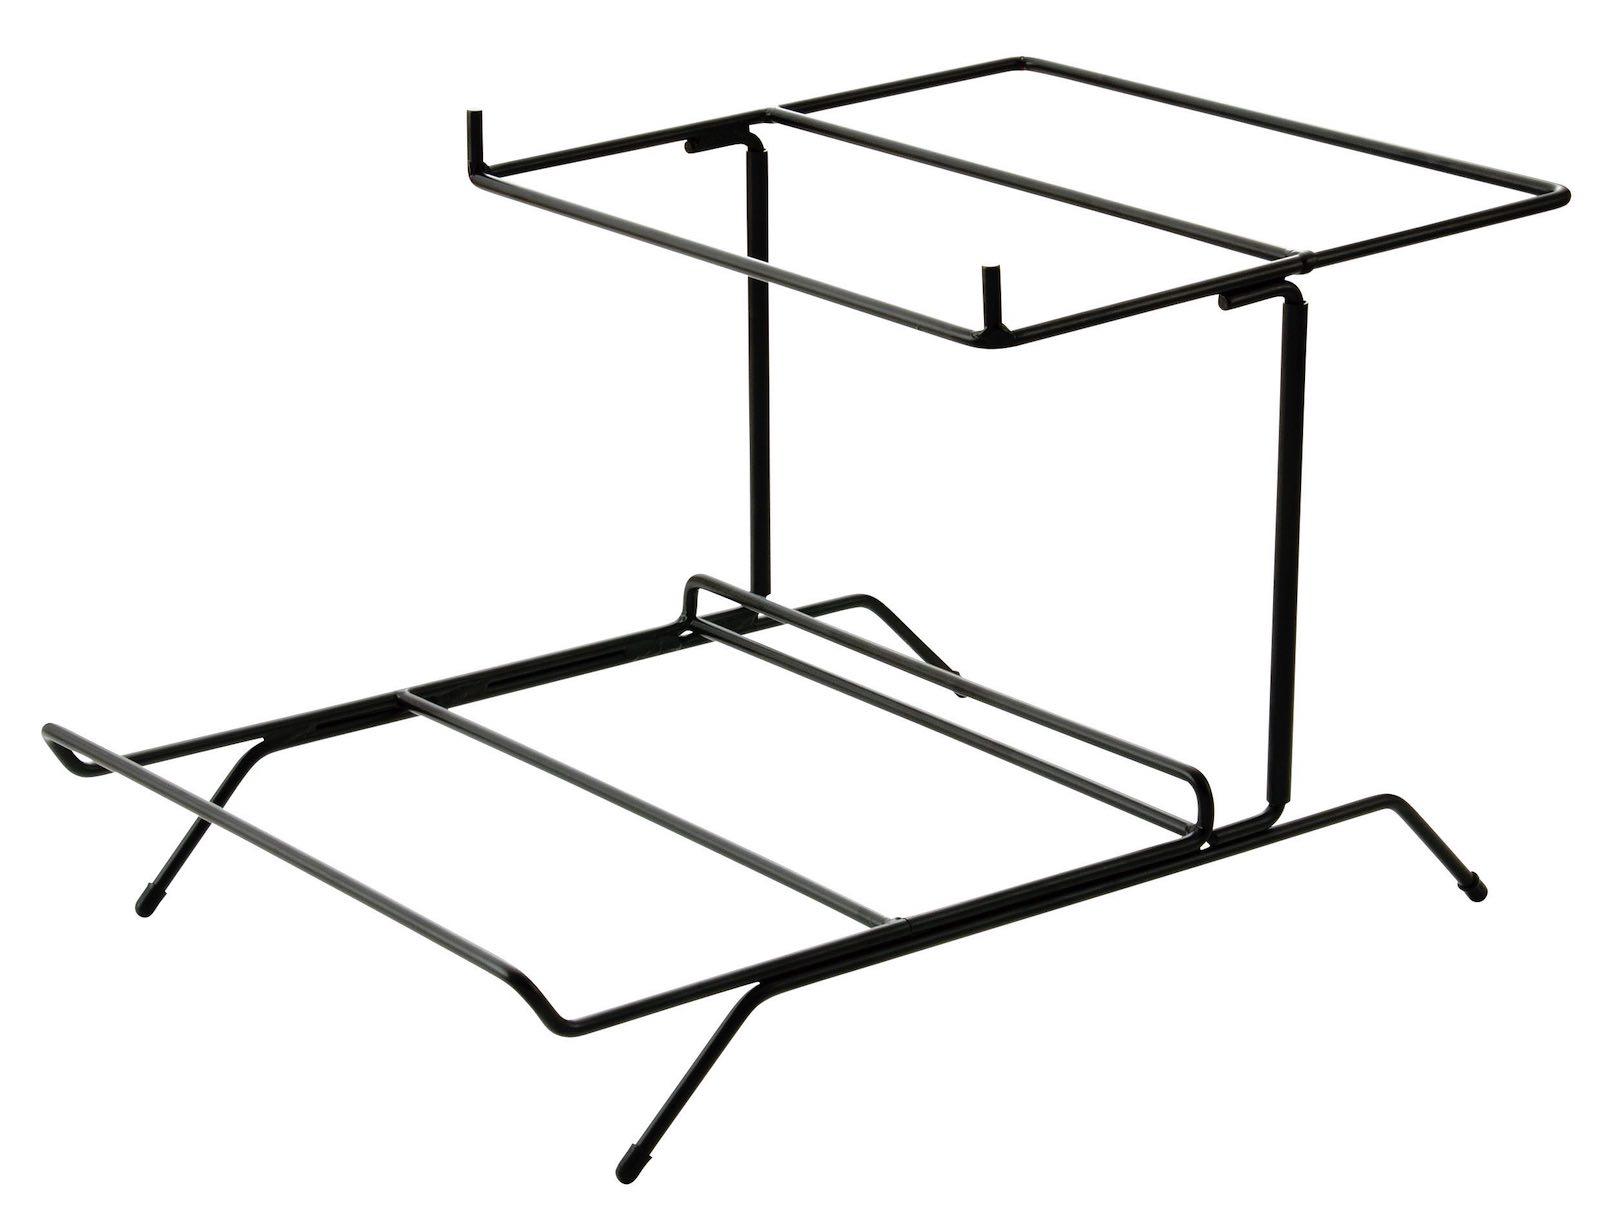 ワイヤースタンド二段水平型(ブラック)